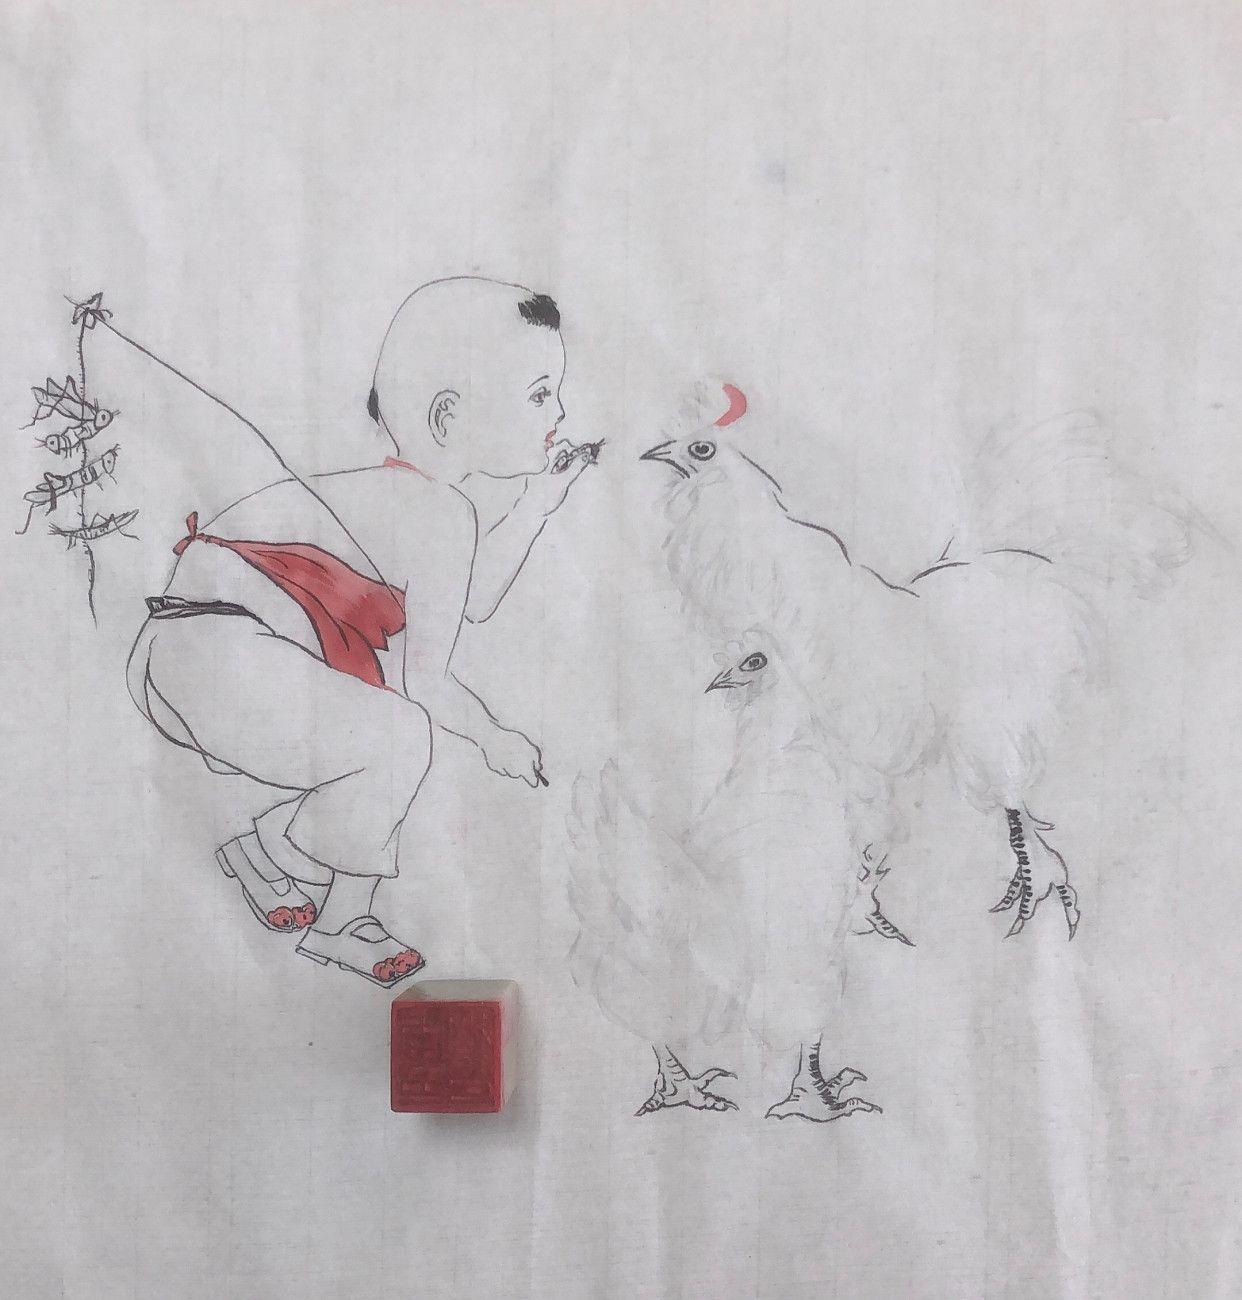 《童趣》的绘画步骤